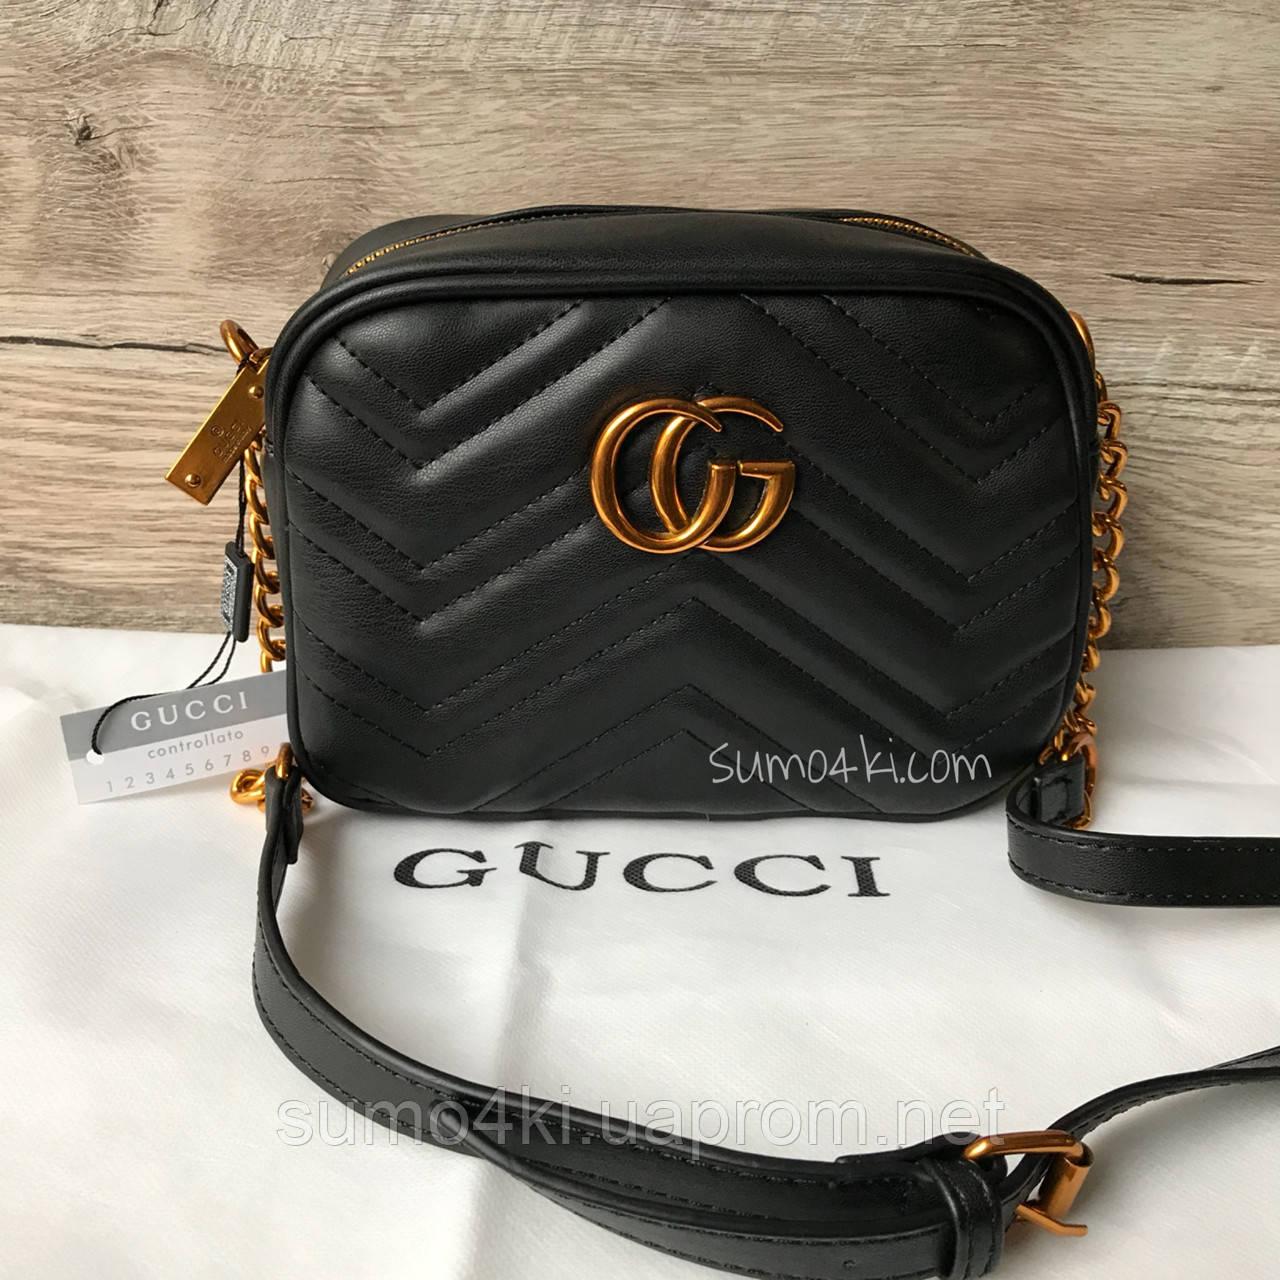 3d115667d83c Женская маленькая сумка Gucci Гуччи Marmont - Интернет-магазин «Галерея  Сумок» в Одессе